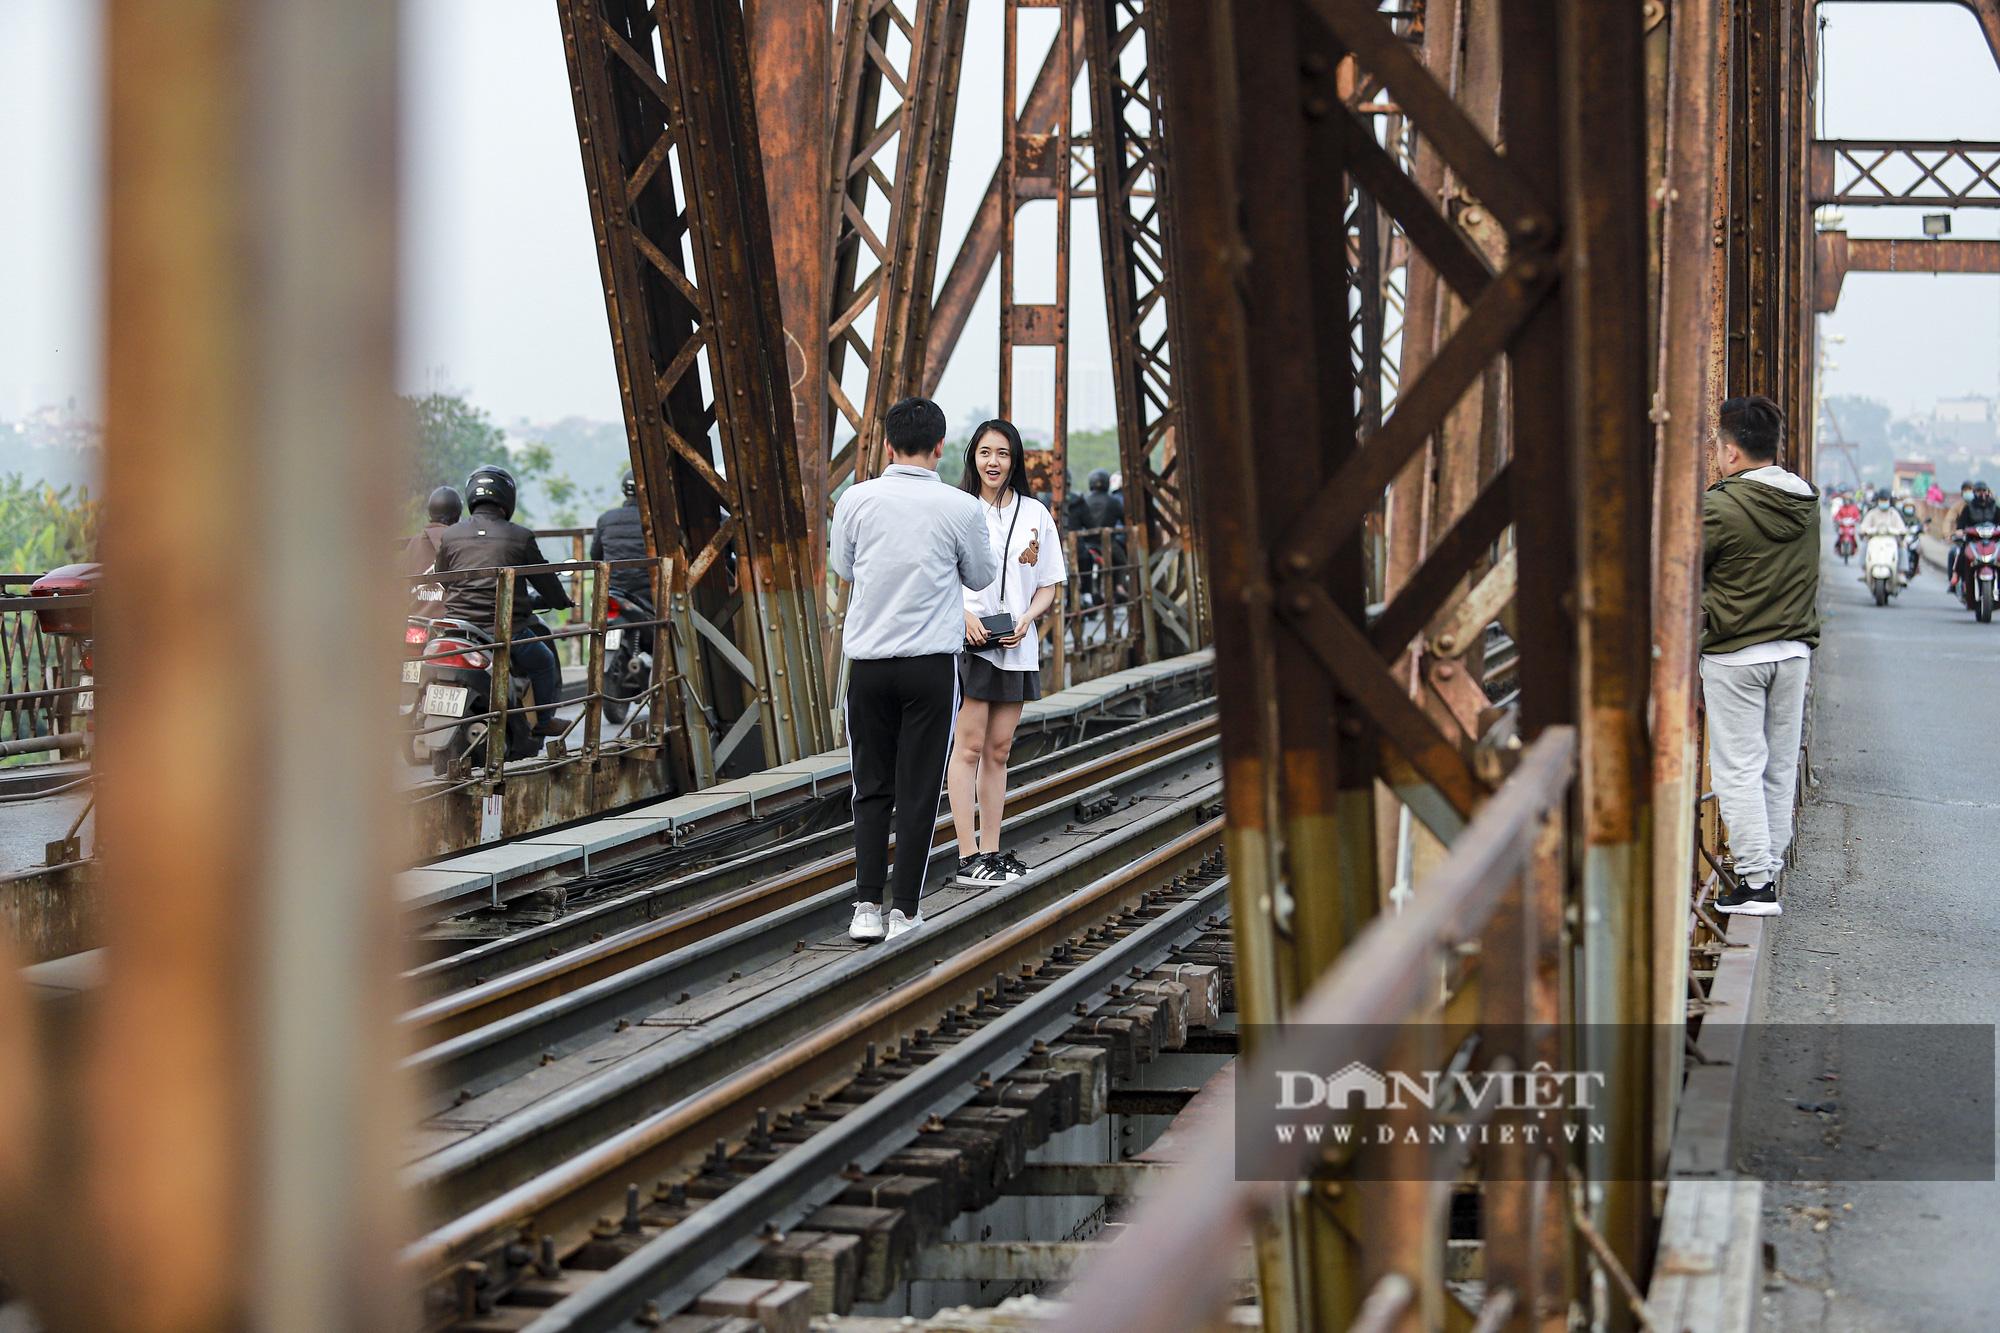 Cầu Long Biên xuống cấp đến không ngờ, mặt đường nhiều ổ gà, hở hàm ếch có thể nhìn rõ mặt nước sông Hồng - Ảnh 11.